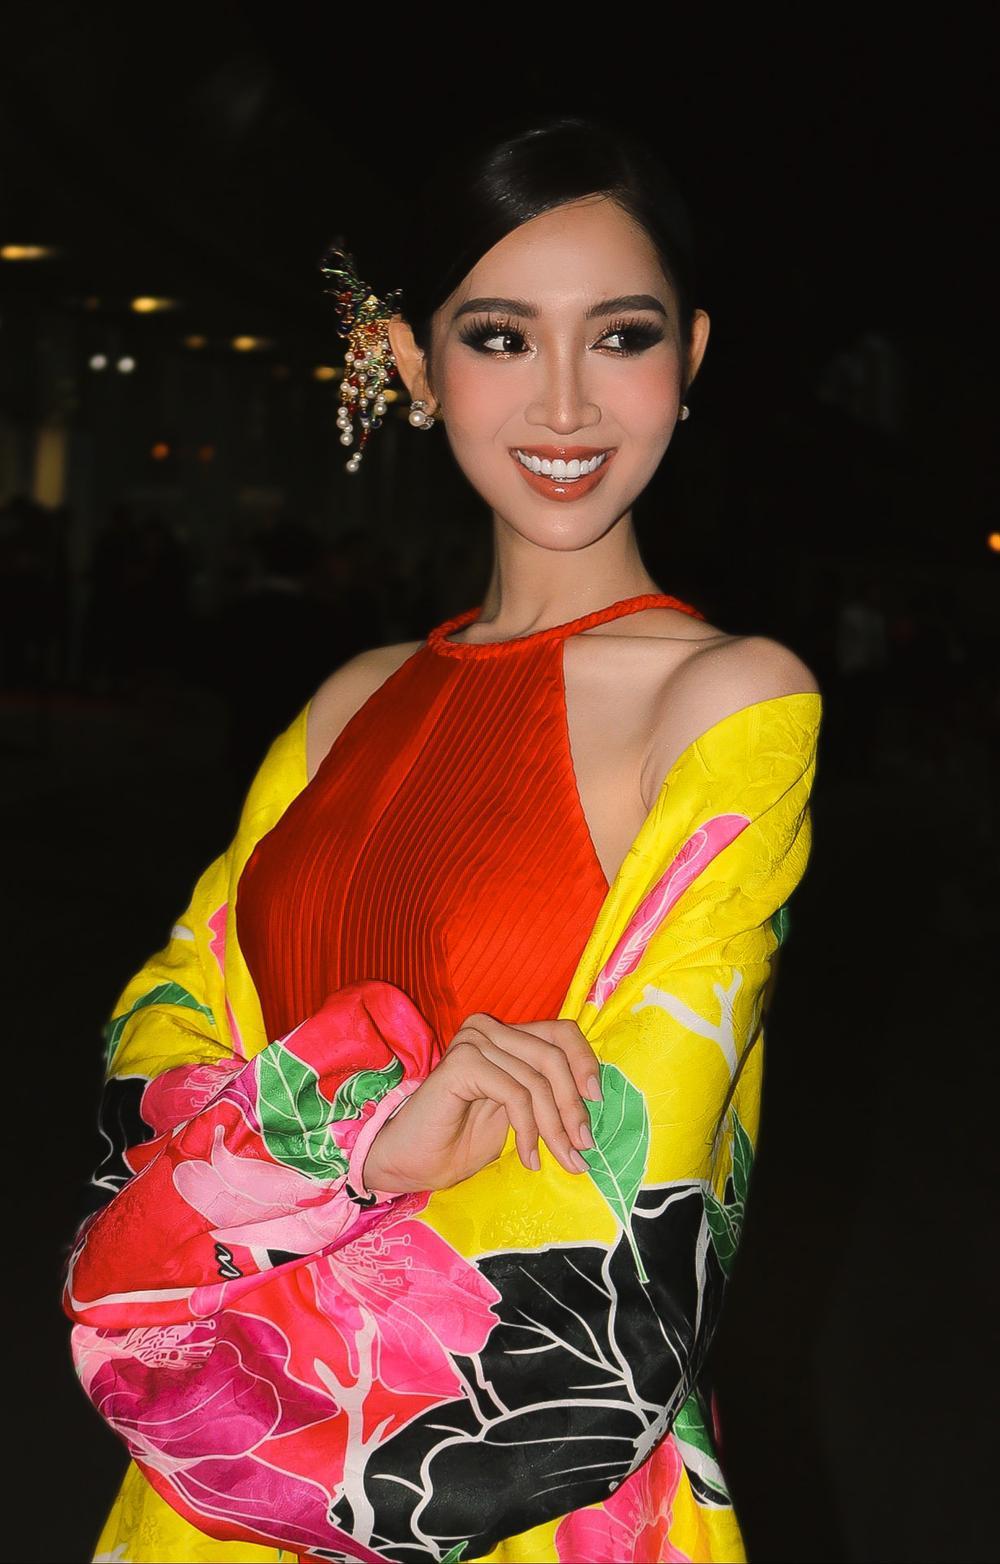 Miss Universe Vietnam thay đổi luật ở phút 89 bất lợi cho người chuyển giới: Đỗ Nhật Hà phân bua đầy ẩn ý Ảnh 6